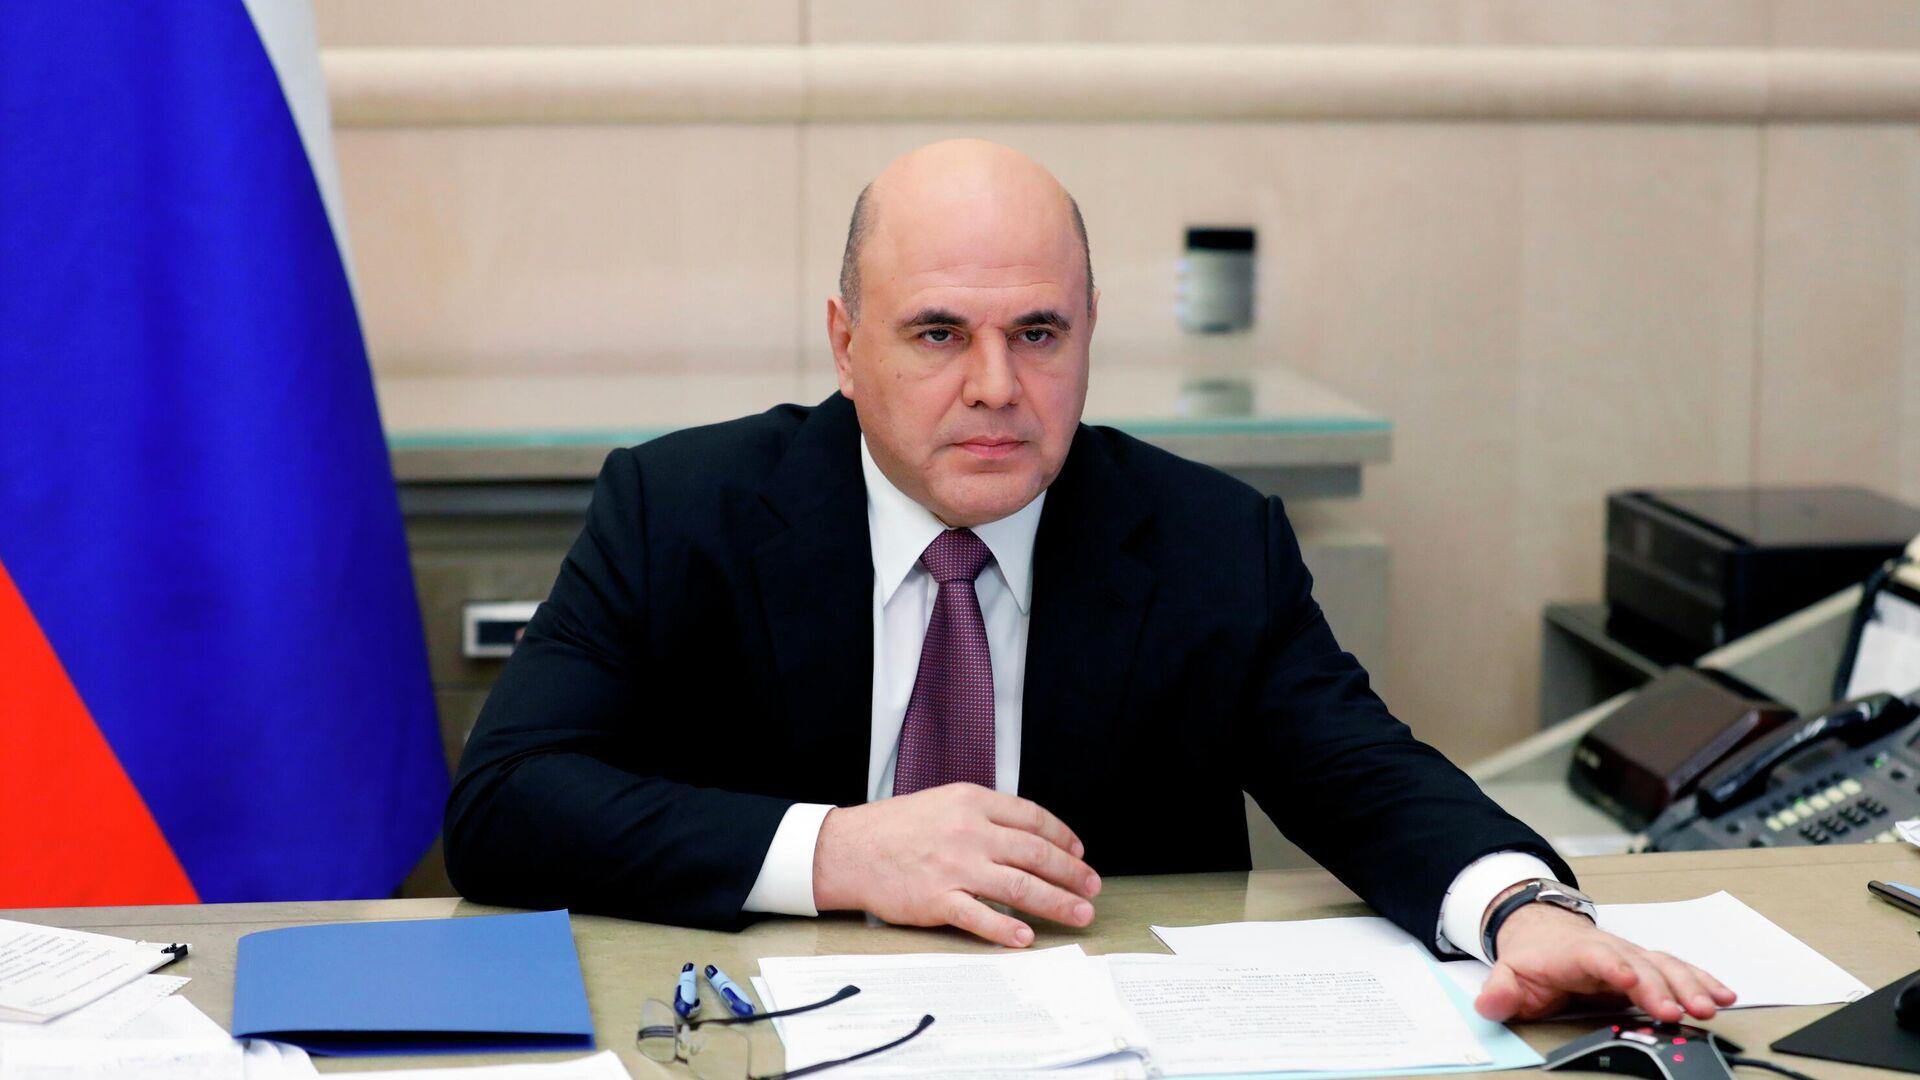 Председатель правительства РФ Михаил Мишустин - РИА Новости, 1920, 22.03.2021